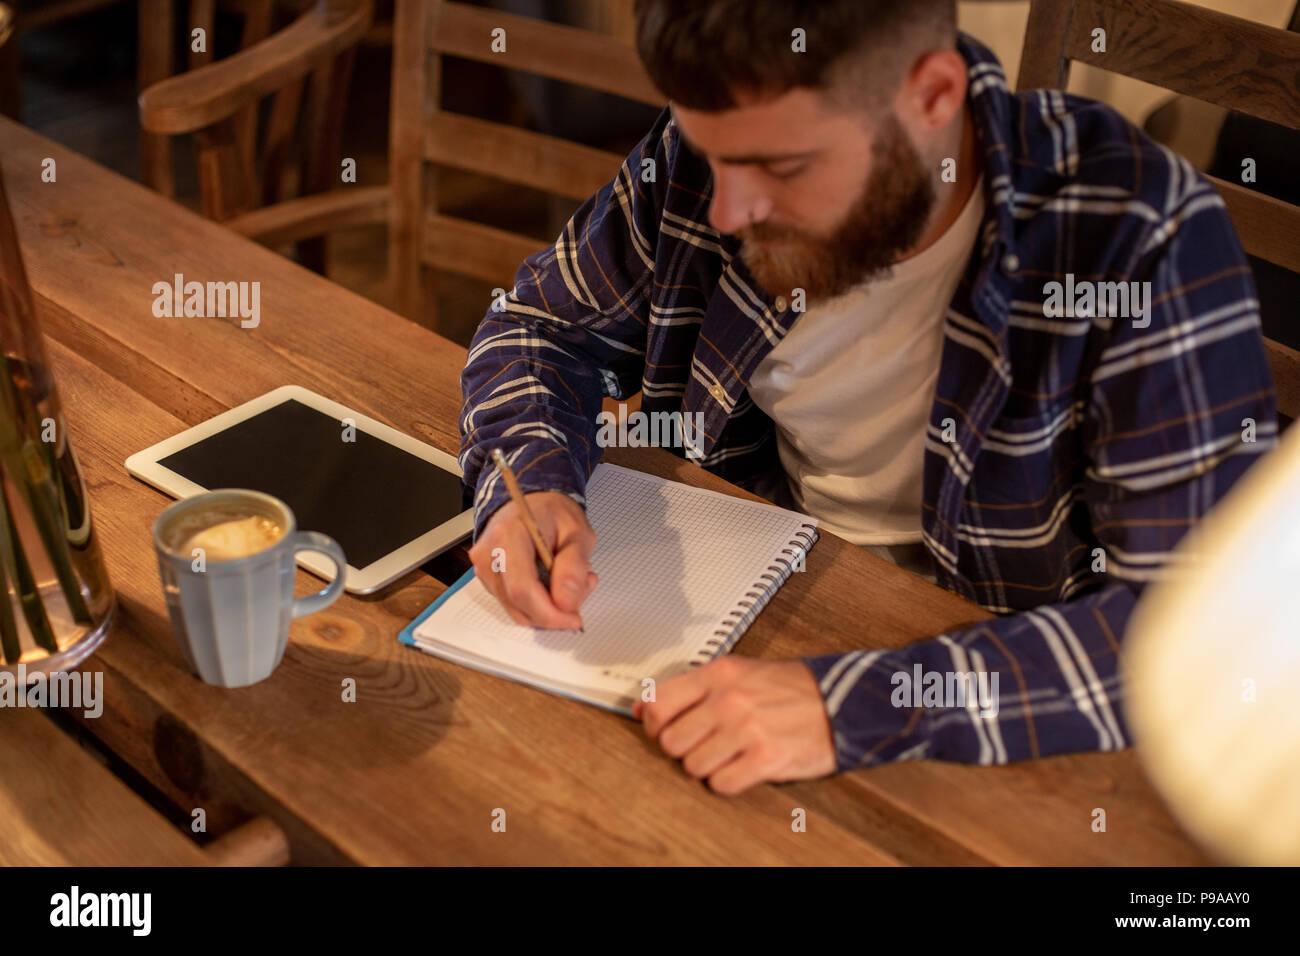 Empresario joven barbudo se asienta en el café, en casa frente a la mesa y escribe en el bloc de notas, se encuentra cerca de la tablet PC con pantalla negra. El hombre está trabajando, estudiando. Imagen De Stock